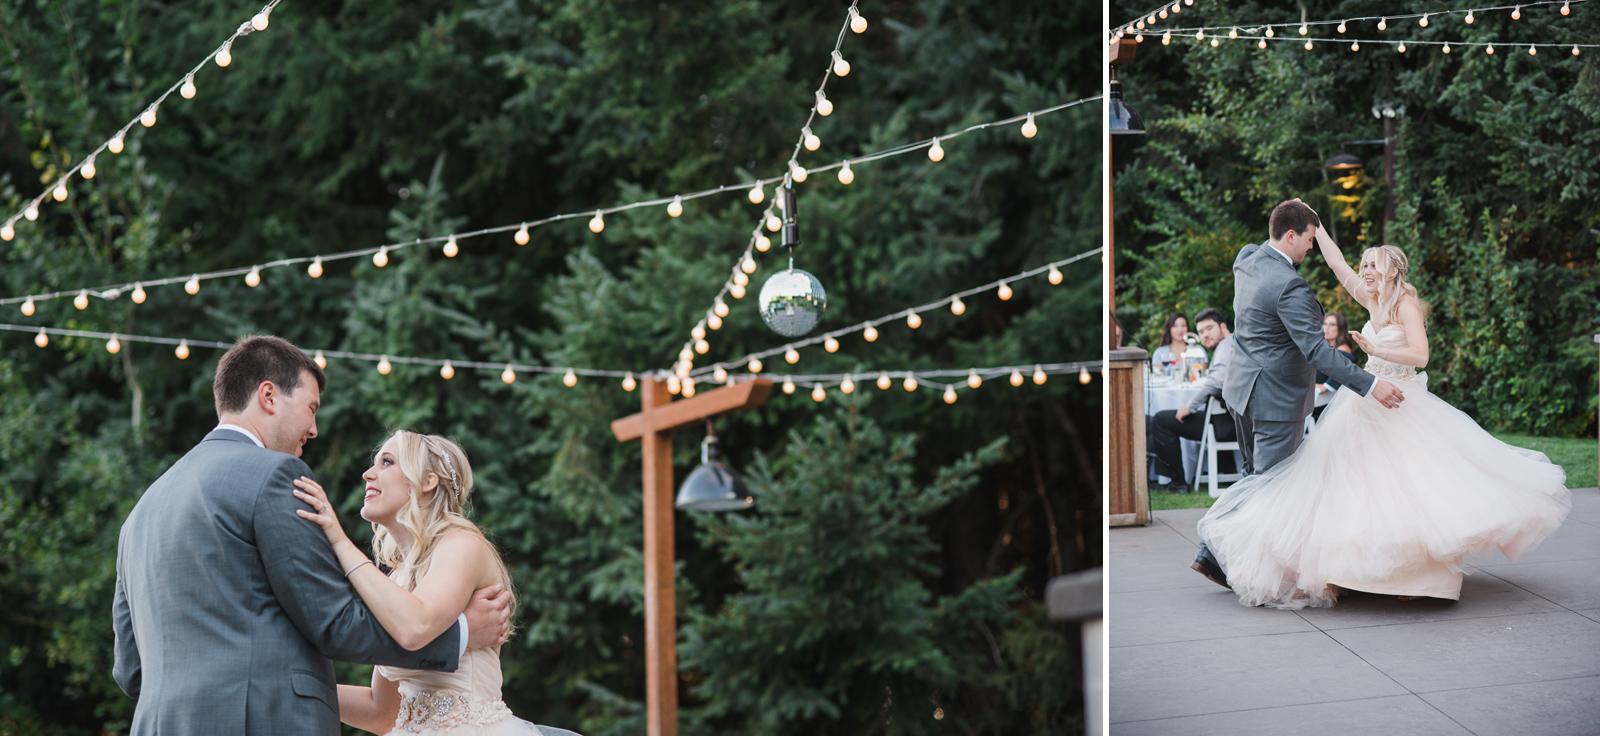 072 gorge crest vineyard wedding